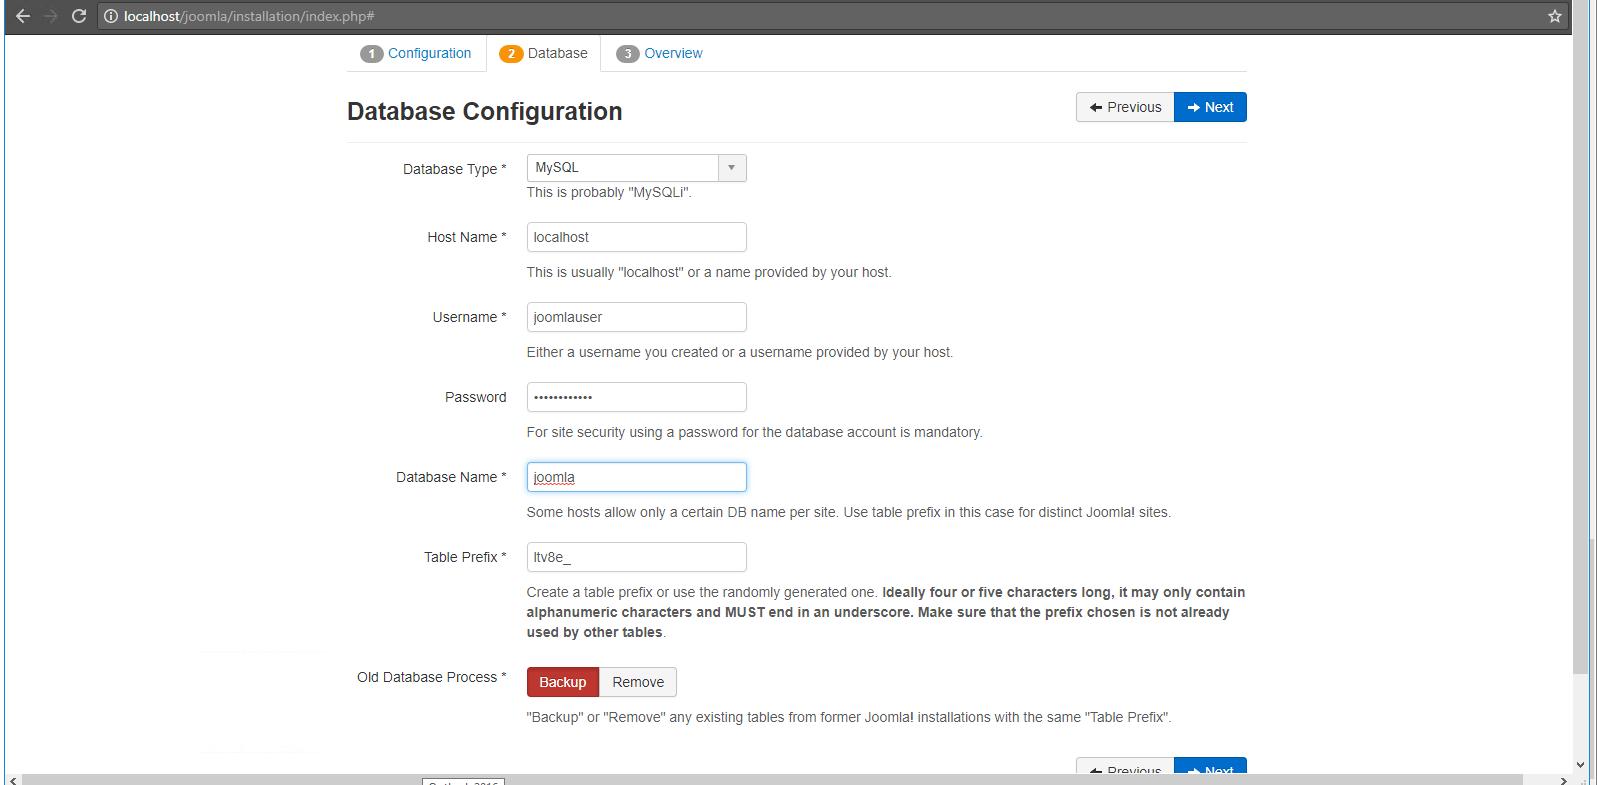 enter details for database configuration